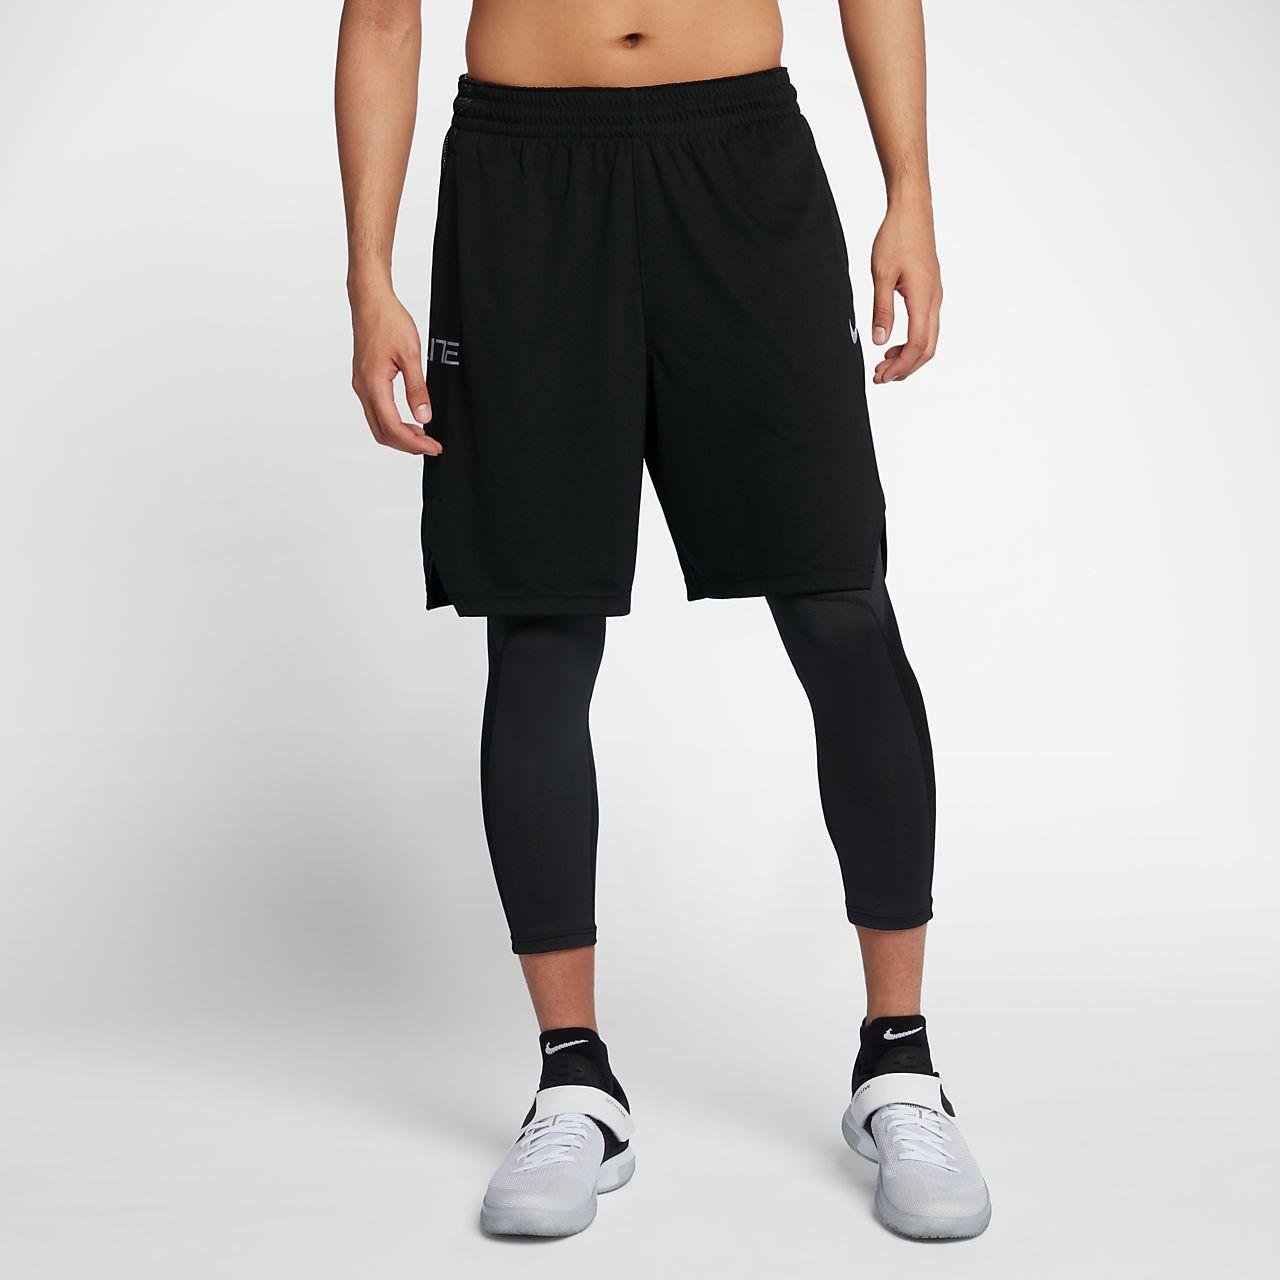 ... Short de basketball Nike Dry 23 cm pour Homme